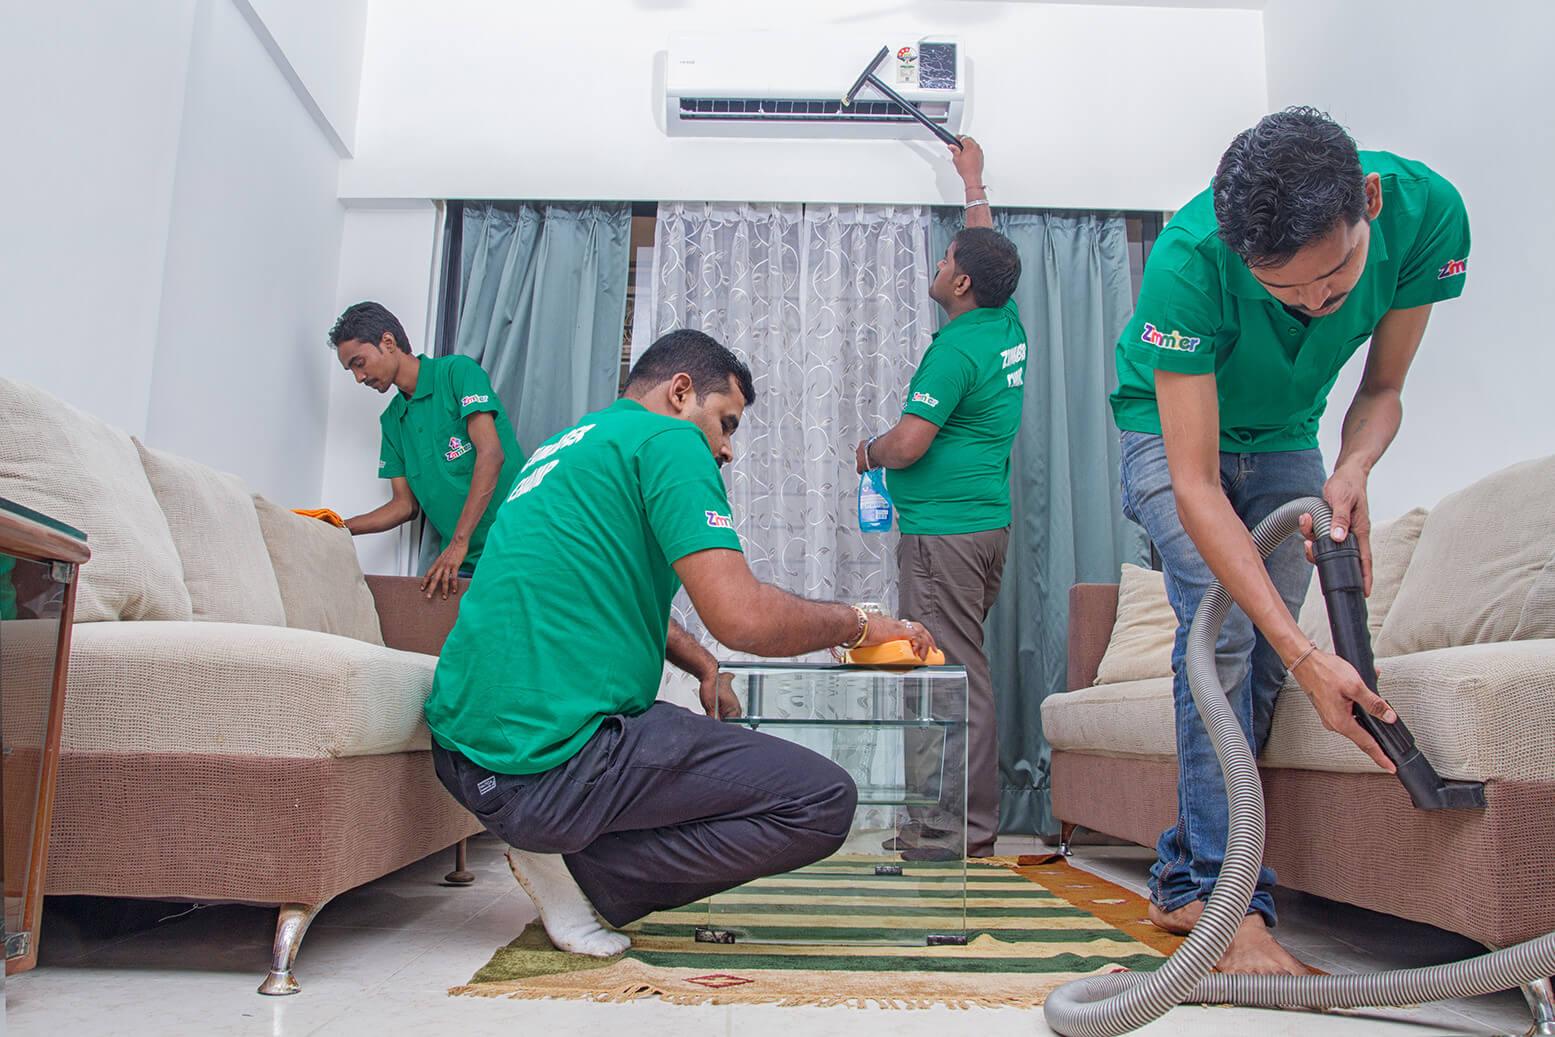 صور شركة تنظيف منازل بالرياض , شركات لنظافه منزلك في الرياض